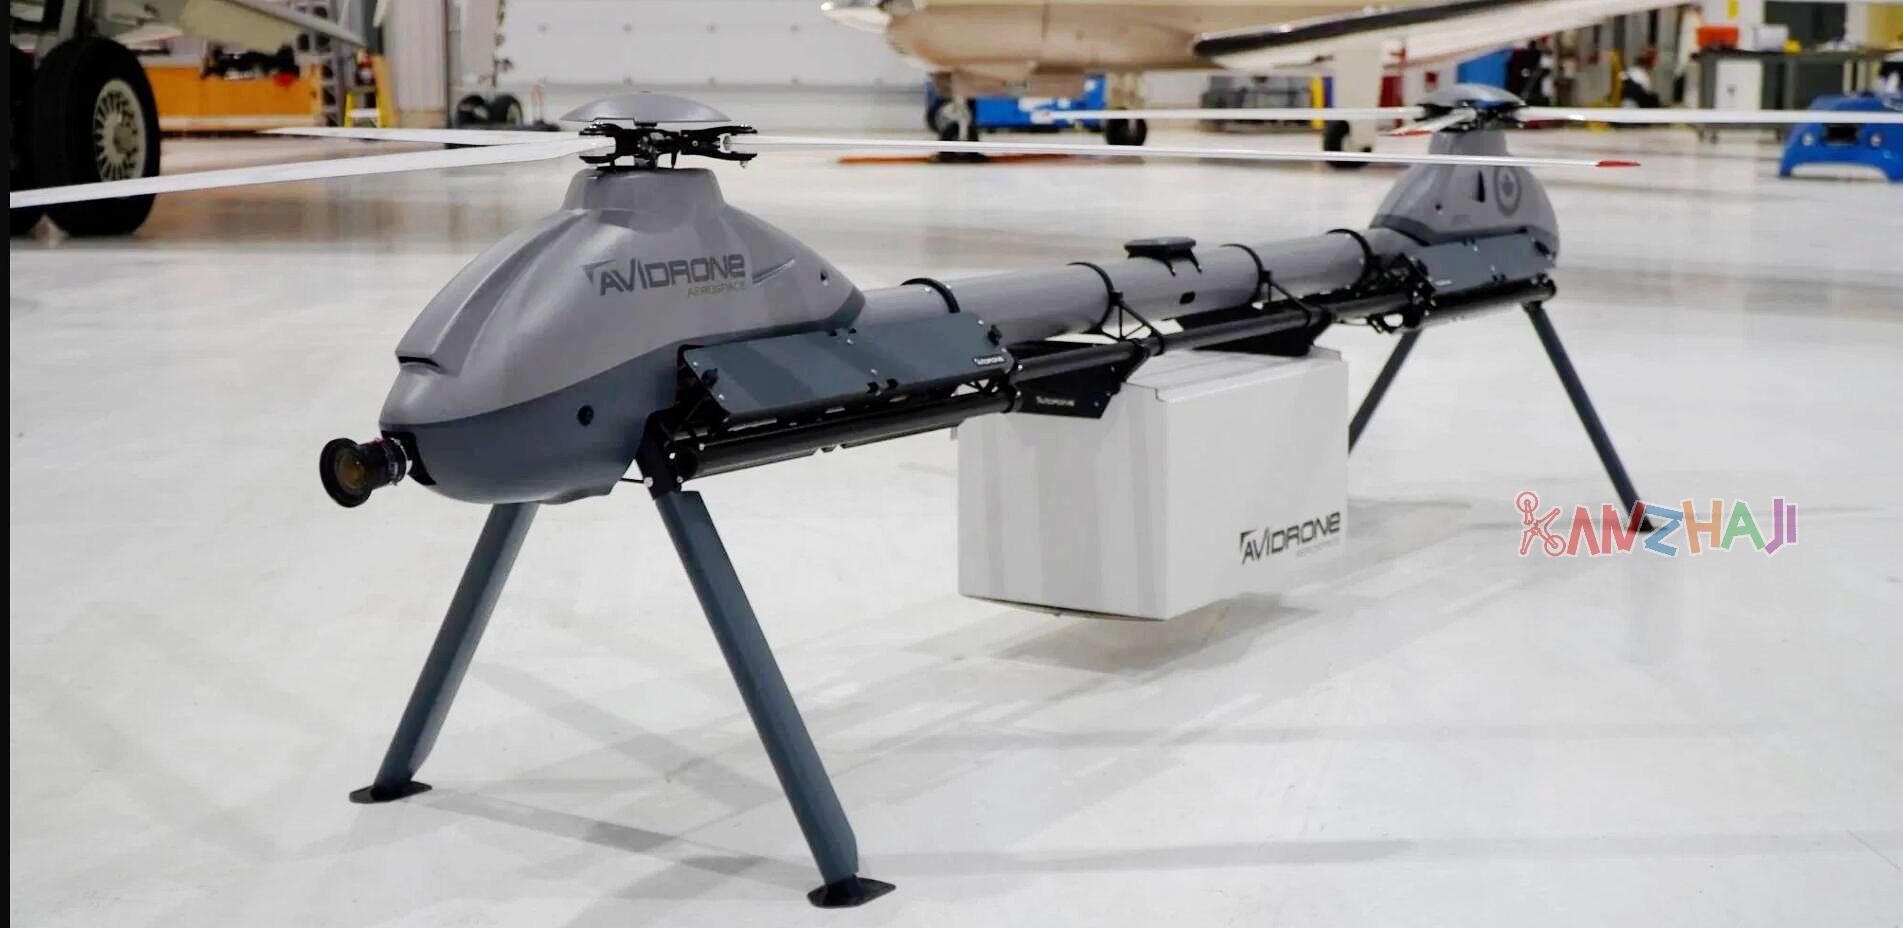 Avidrone公司在IDEX 2021上展示210TL串联双桨无人机